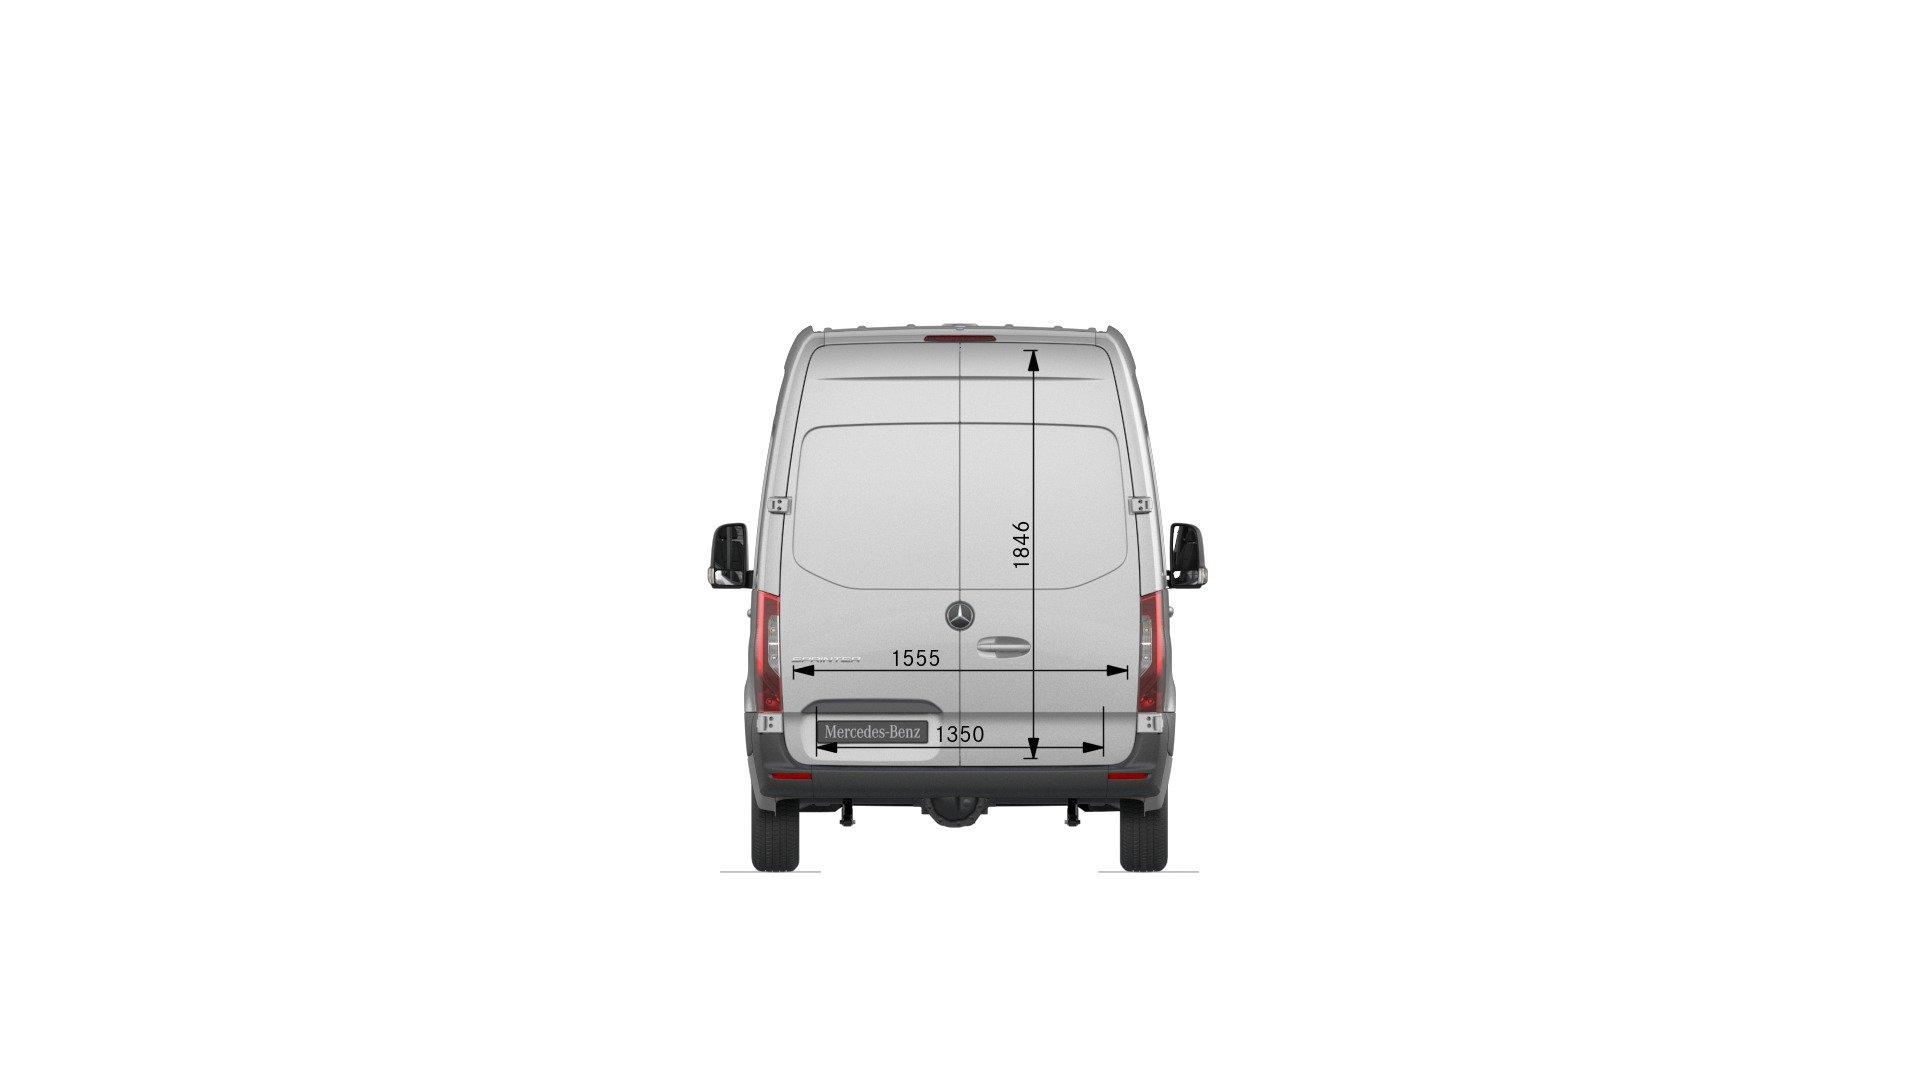 Van drawings-Rear view-standard